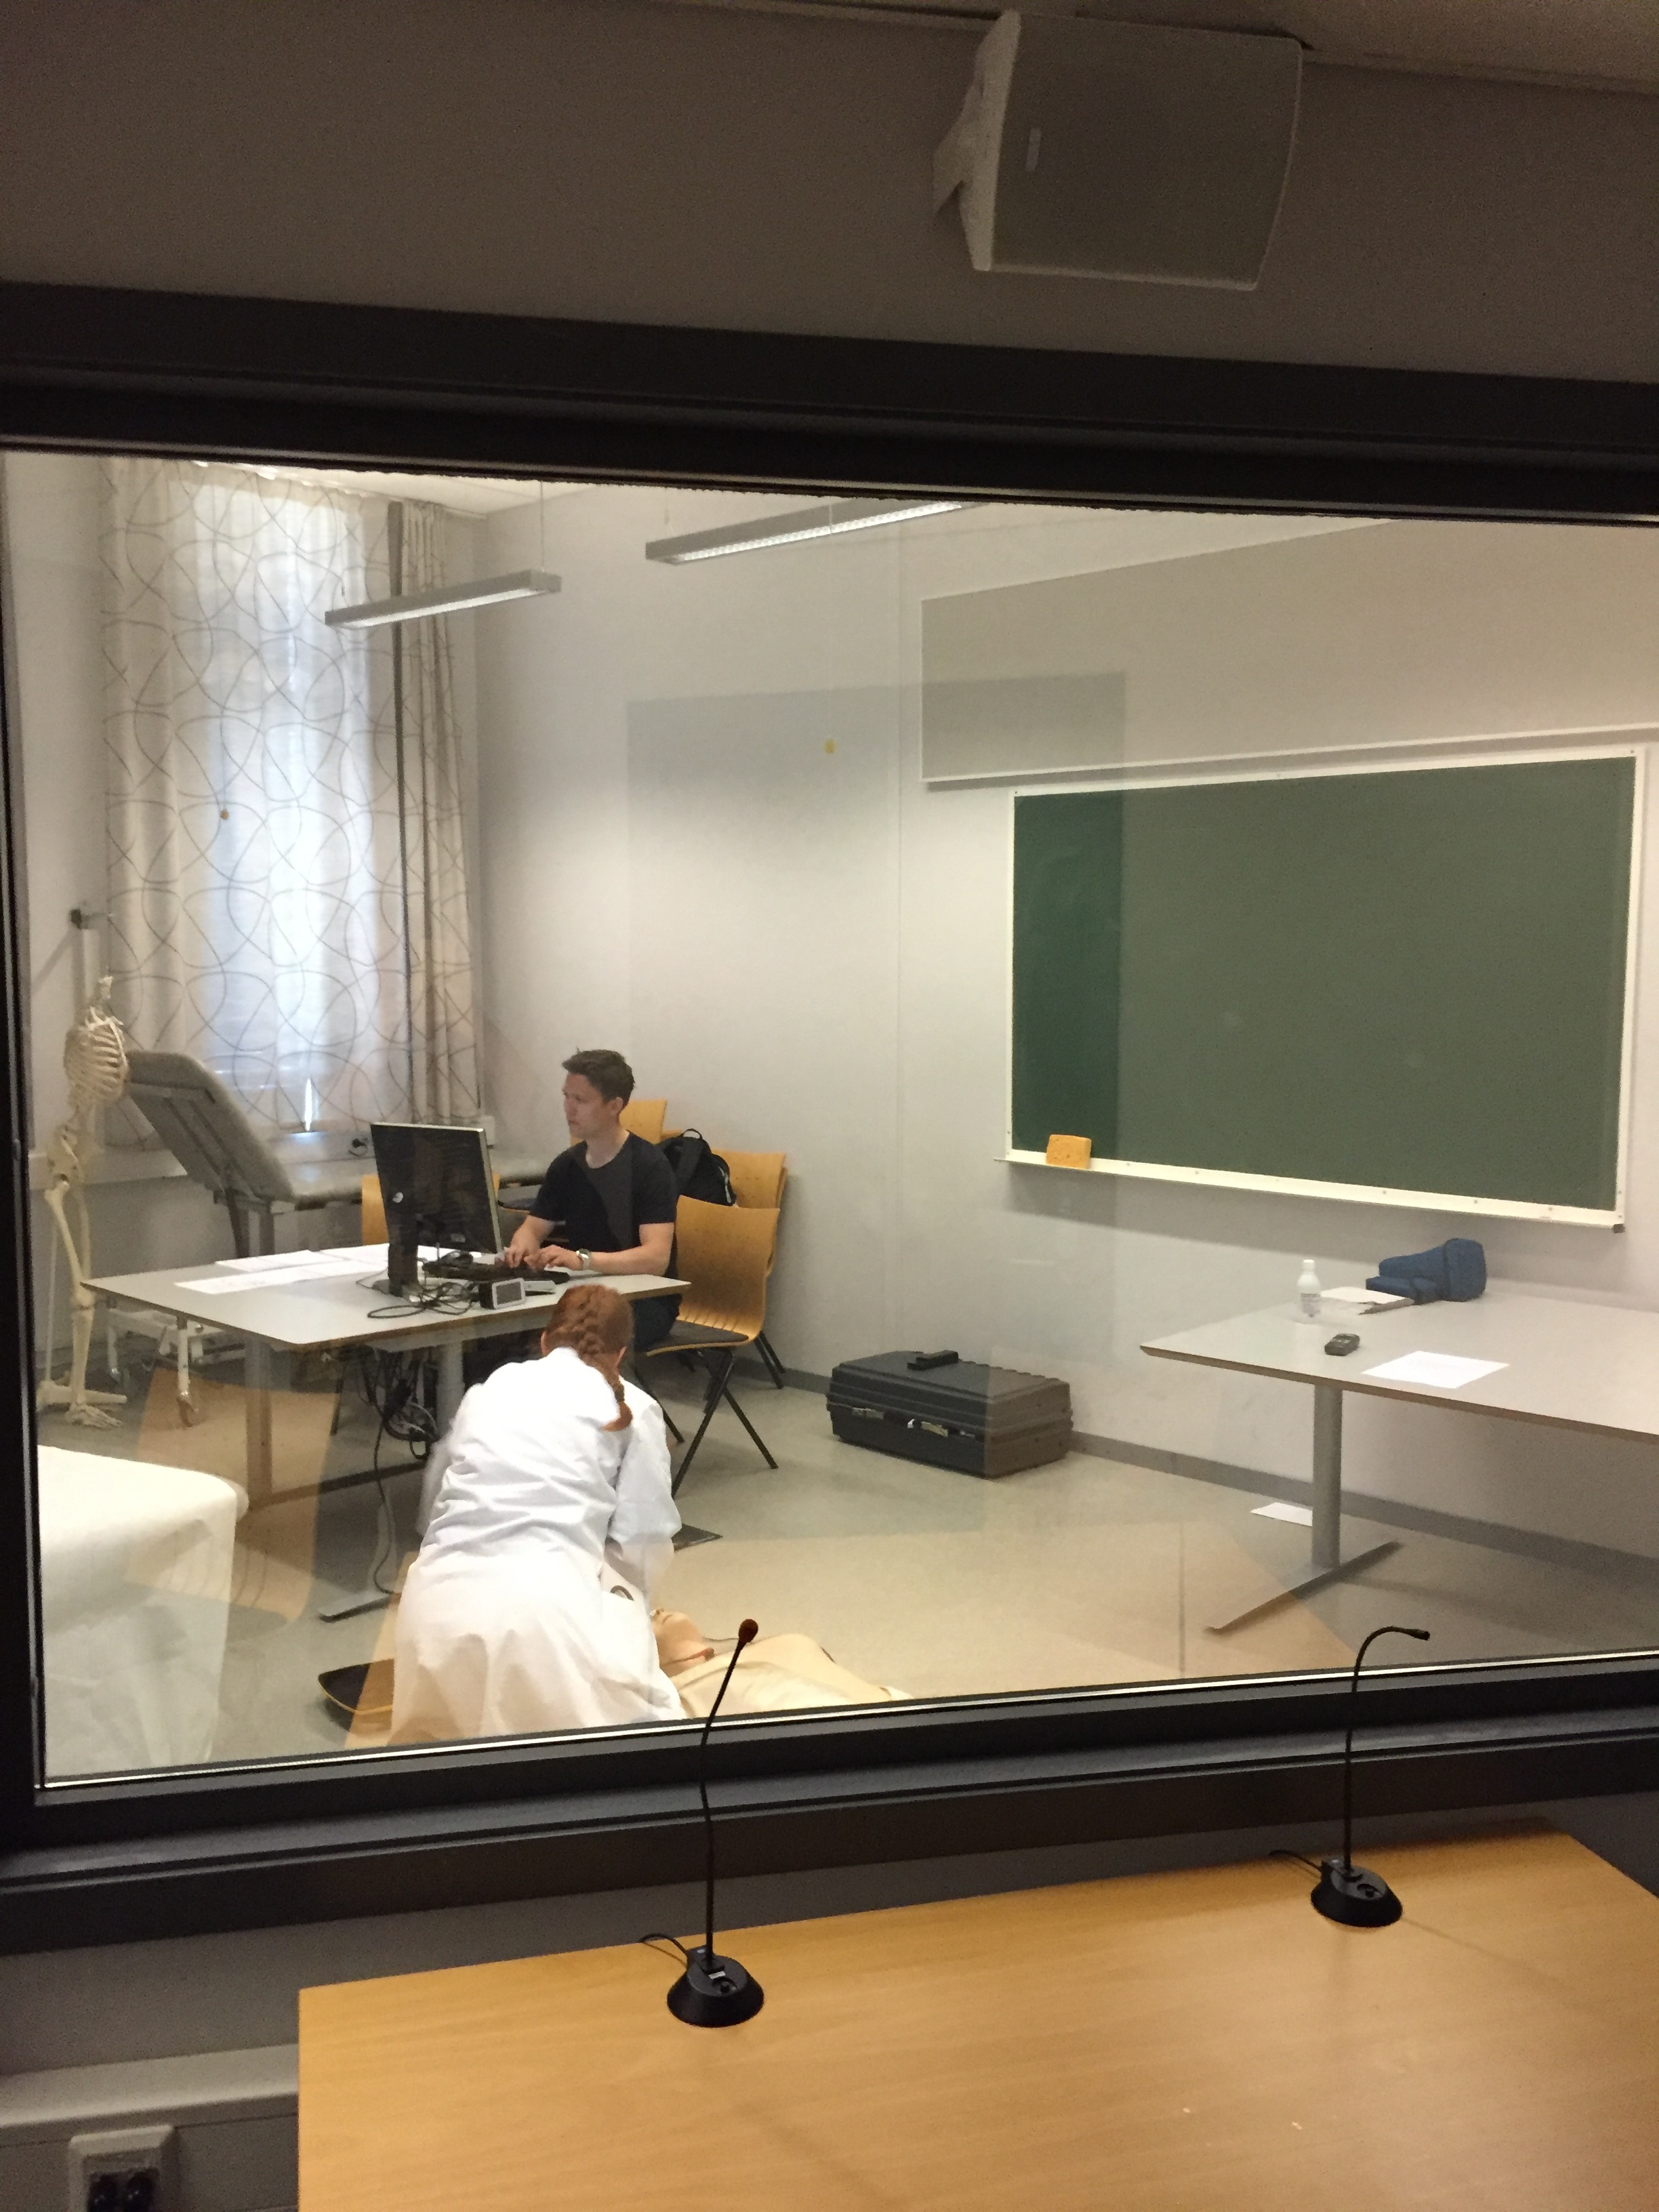 Eksaminator og anestesilege Helge Haugland, observerer student Oda Martine Reiertsen som gjennomfører hjerte-/lungeredning på dukke. Observert fra observasjonsrom på Øya helsehus. (Foto: Marie Thoresen)